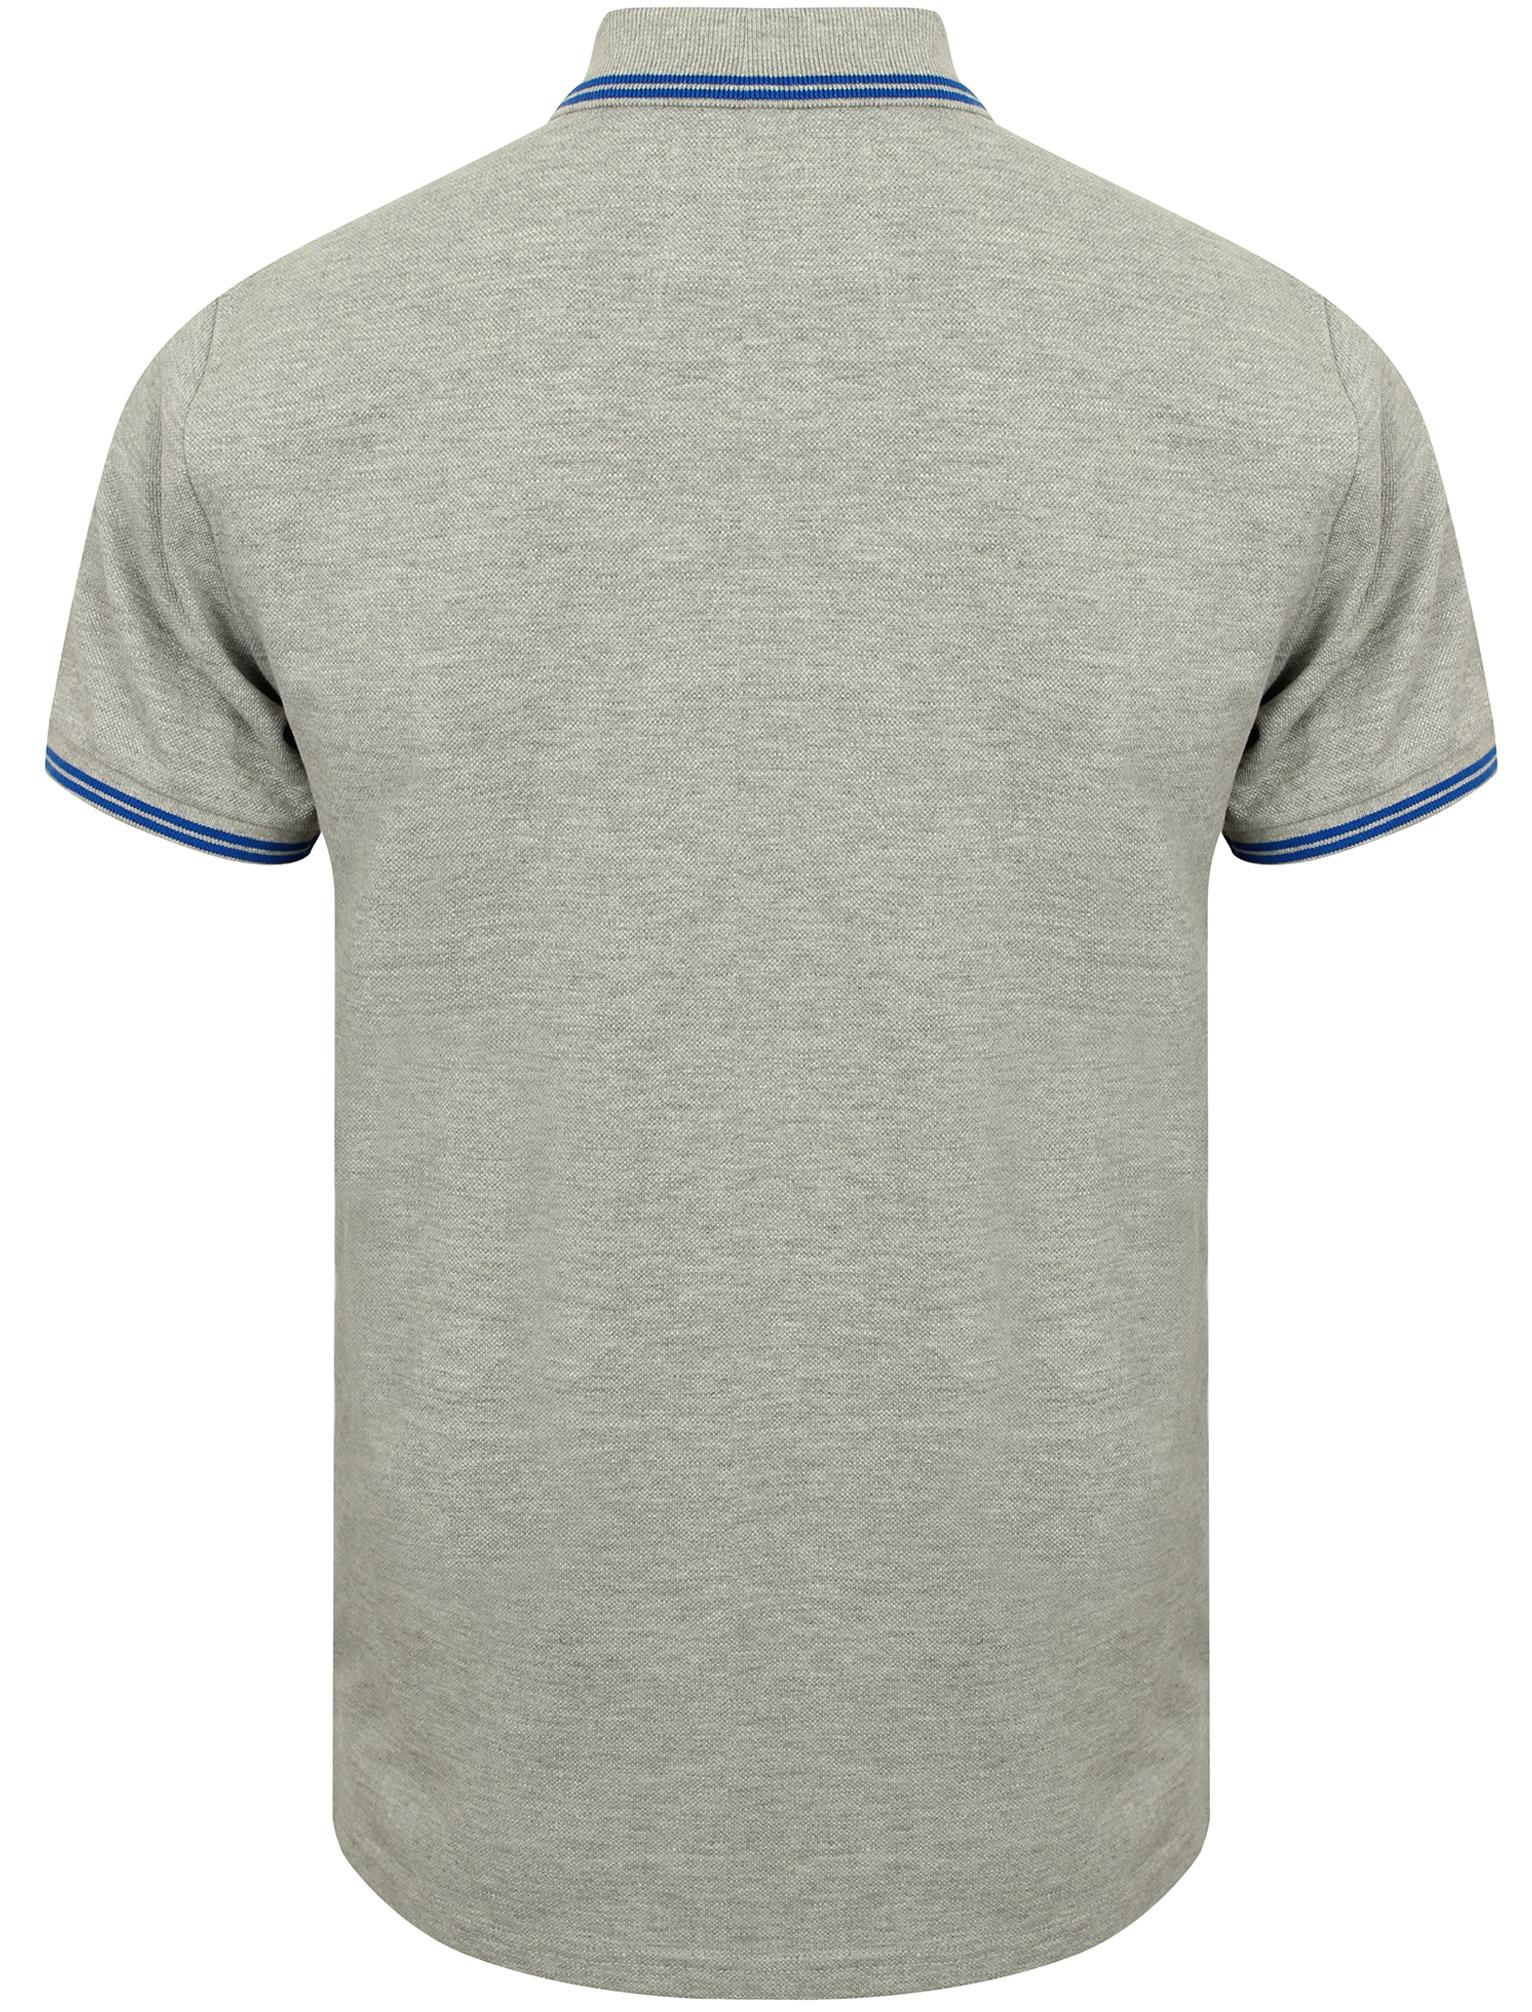 Homme Tokyo Laundry Esko Springs À Manches Courtes Riche Coton Polo Shirt Taille S-XL